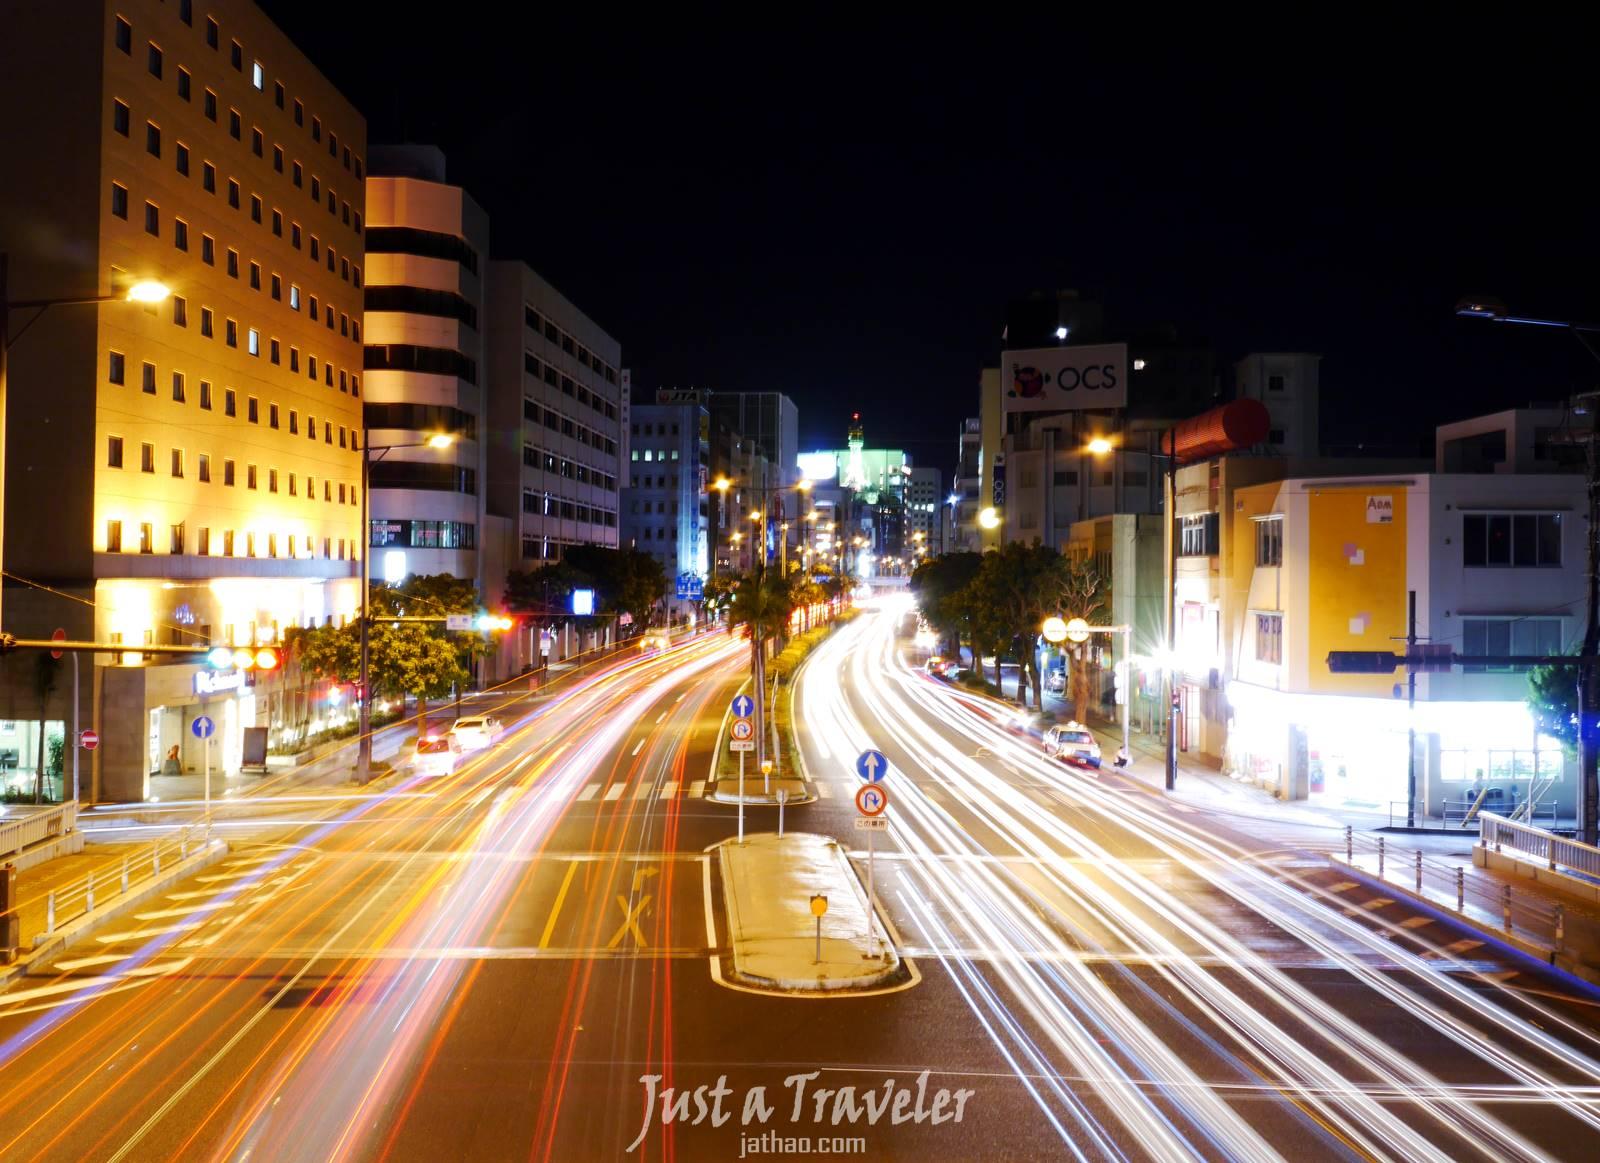 沖繩-交通-租車-自駕-公車-巴士-單軌-電車-那霸-推薦-觀光巴士-自由行-旅遊-時刻表-價錢-票價-比價-搭乘教學-優惠券-省錢